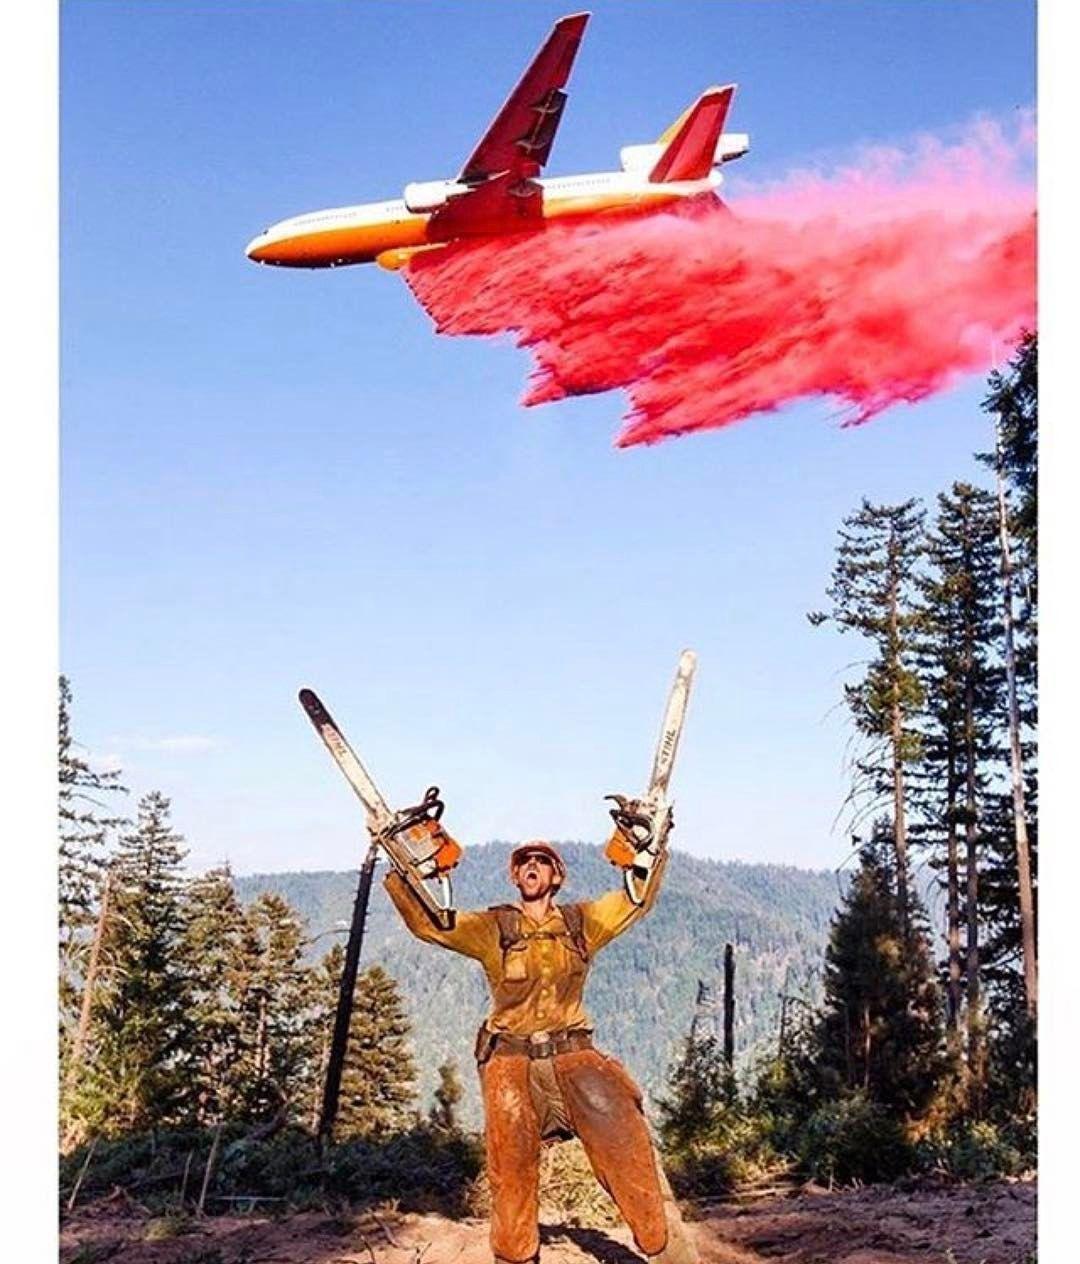 Forest Firefighter & Fire Retardent Bomber